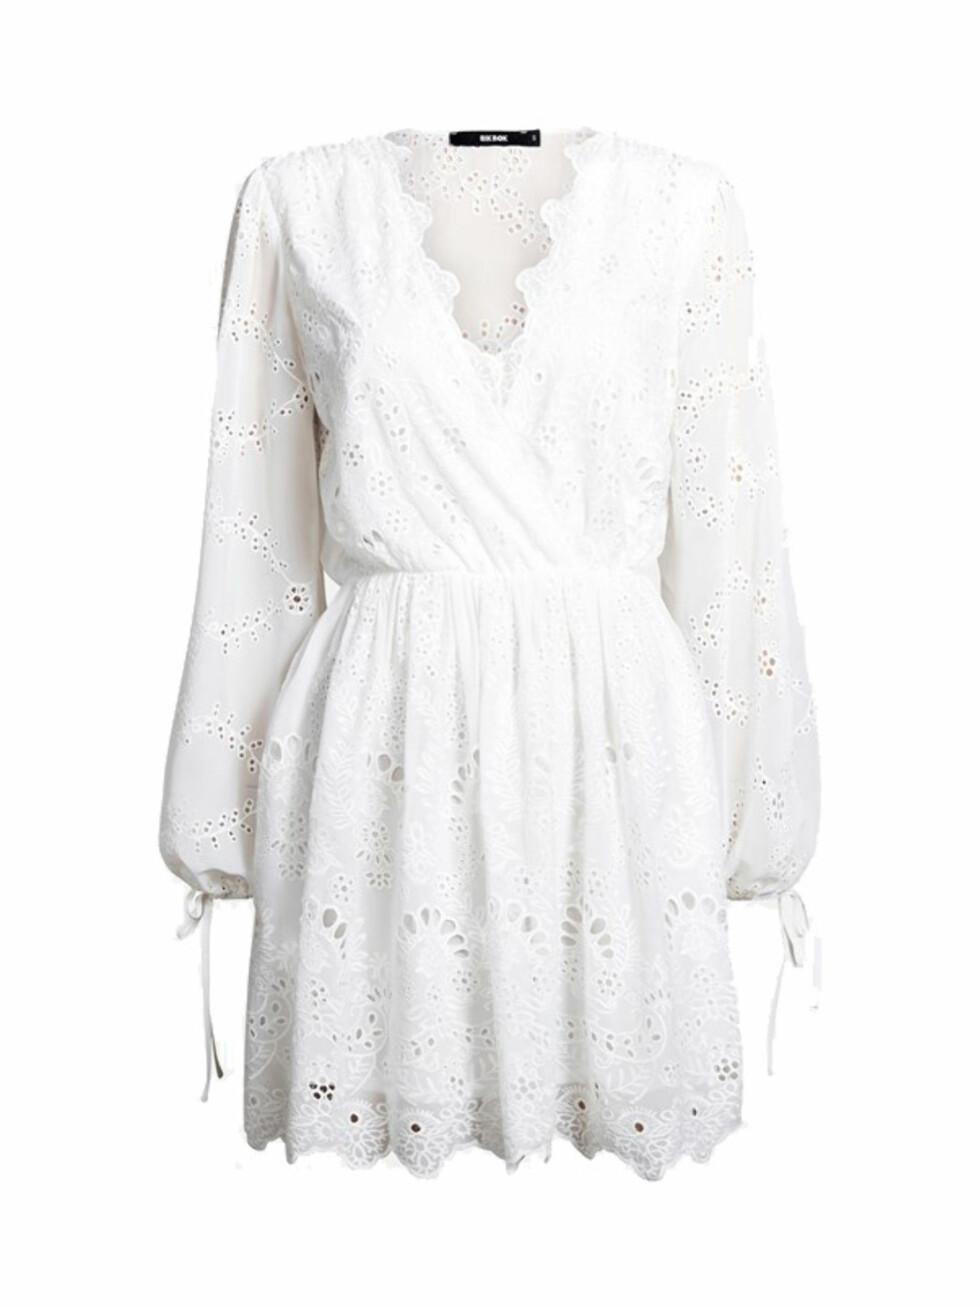 Kjole fra Bik Bok |600,-| https://bikbok.com/no/p/kjoler/marais-kjole/7218250_F900#crl8-gallery